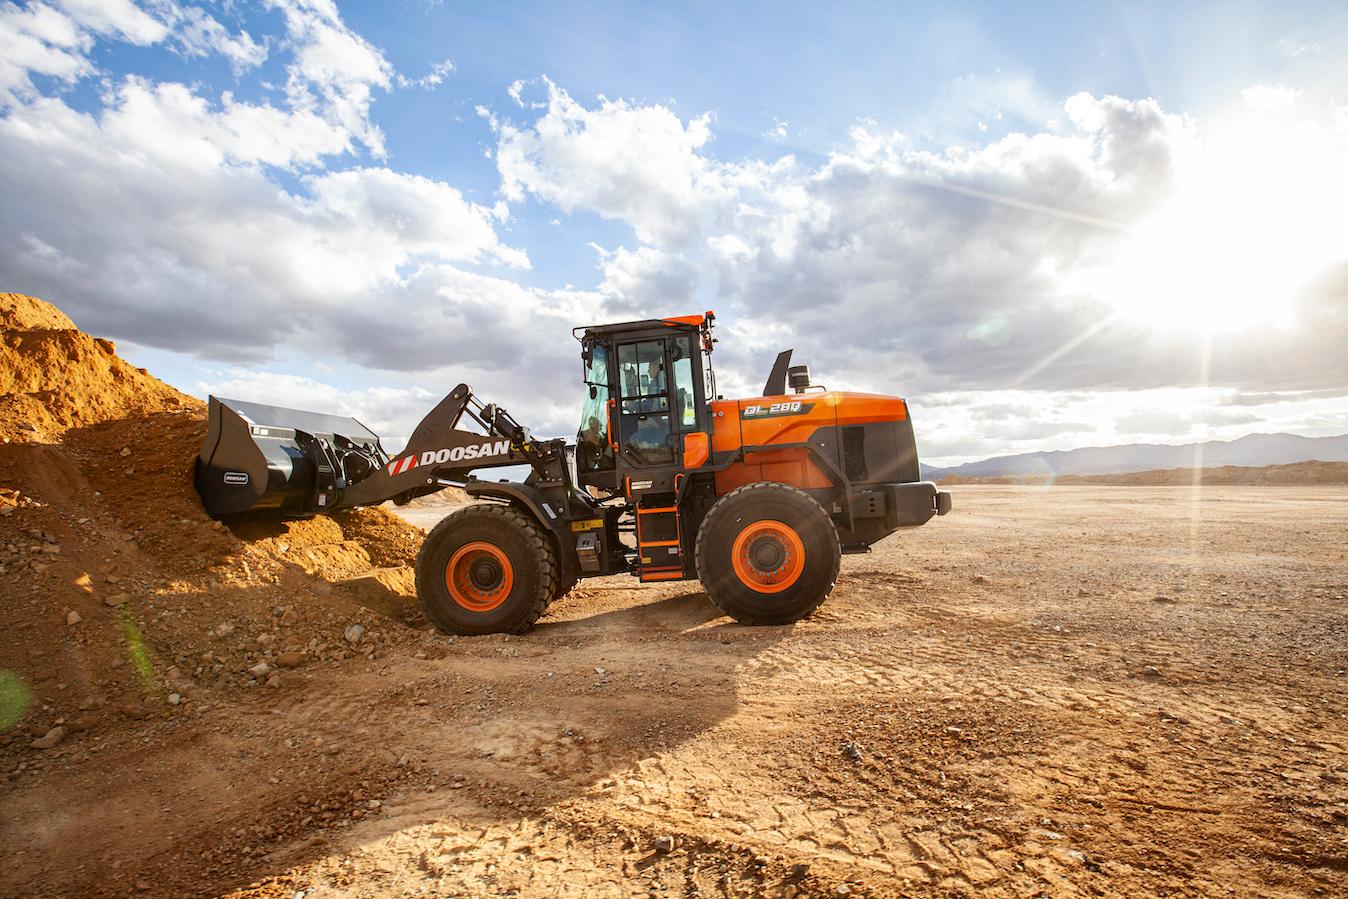 Doosan DL280-7 wheel loader dirt pile